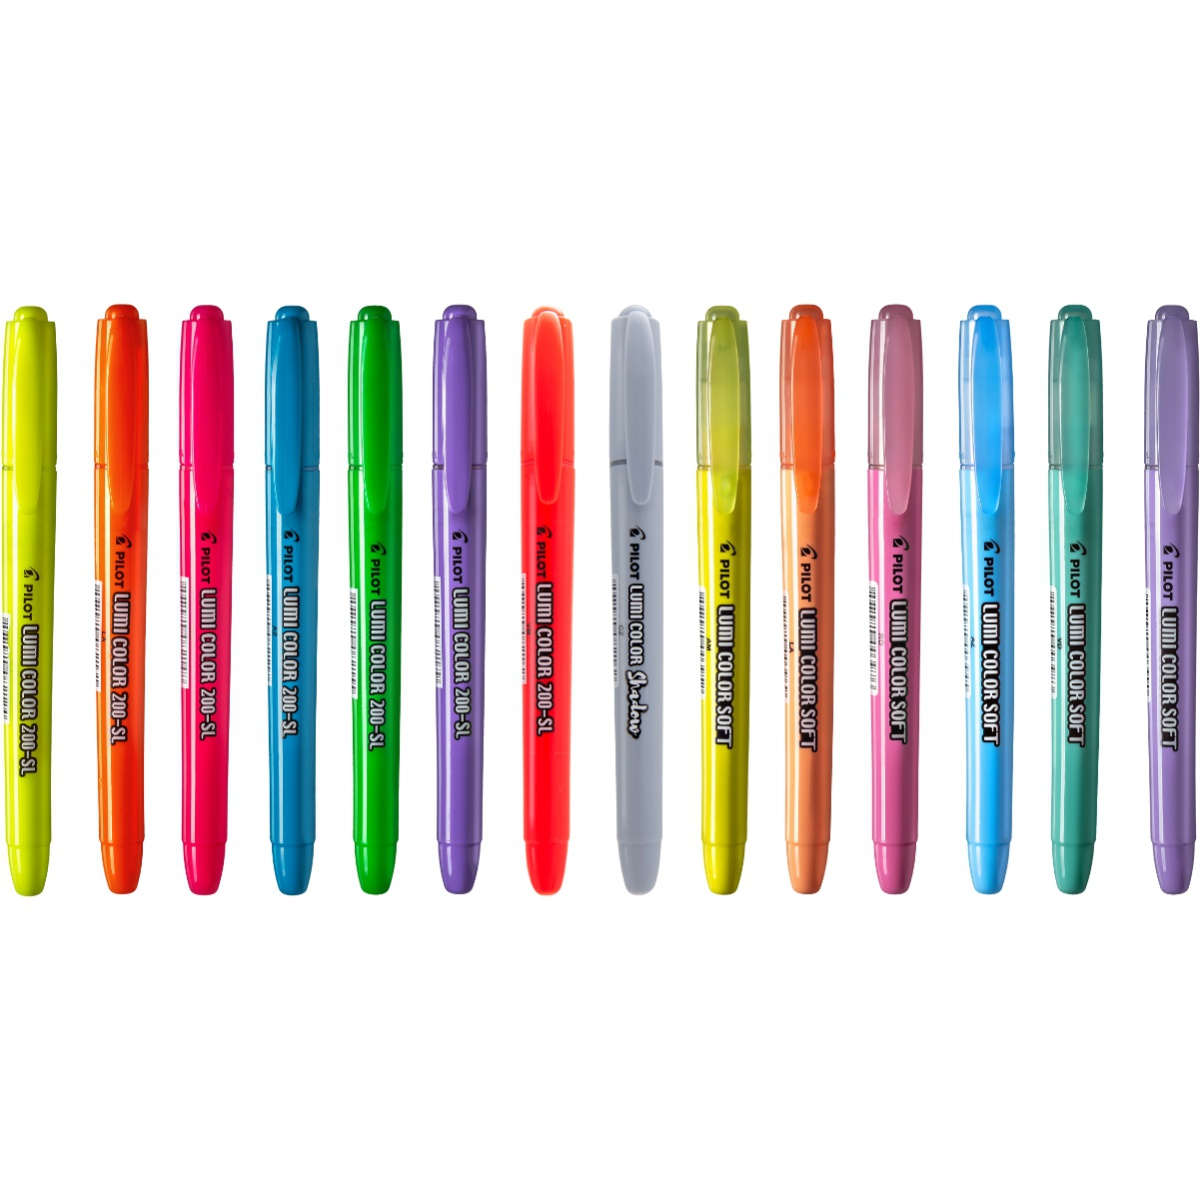 Marca Texto Pilot Lumi Color Unitário